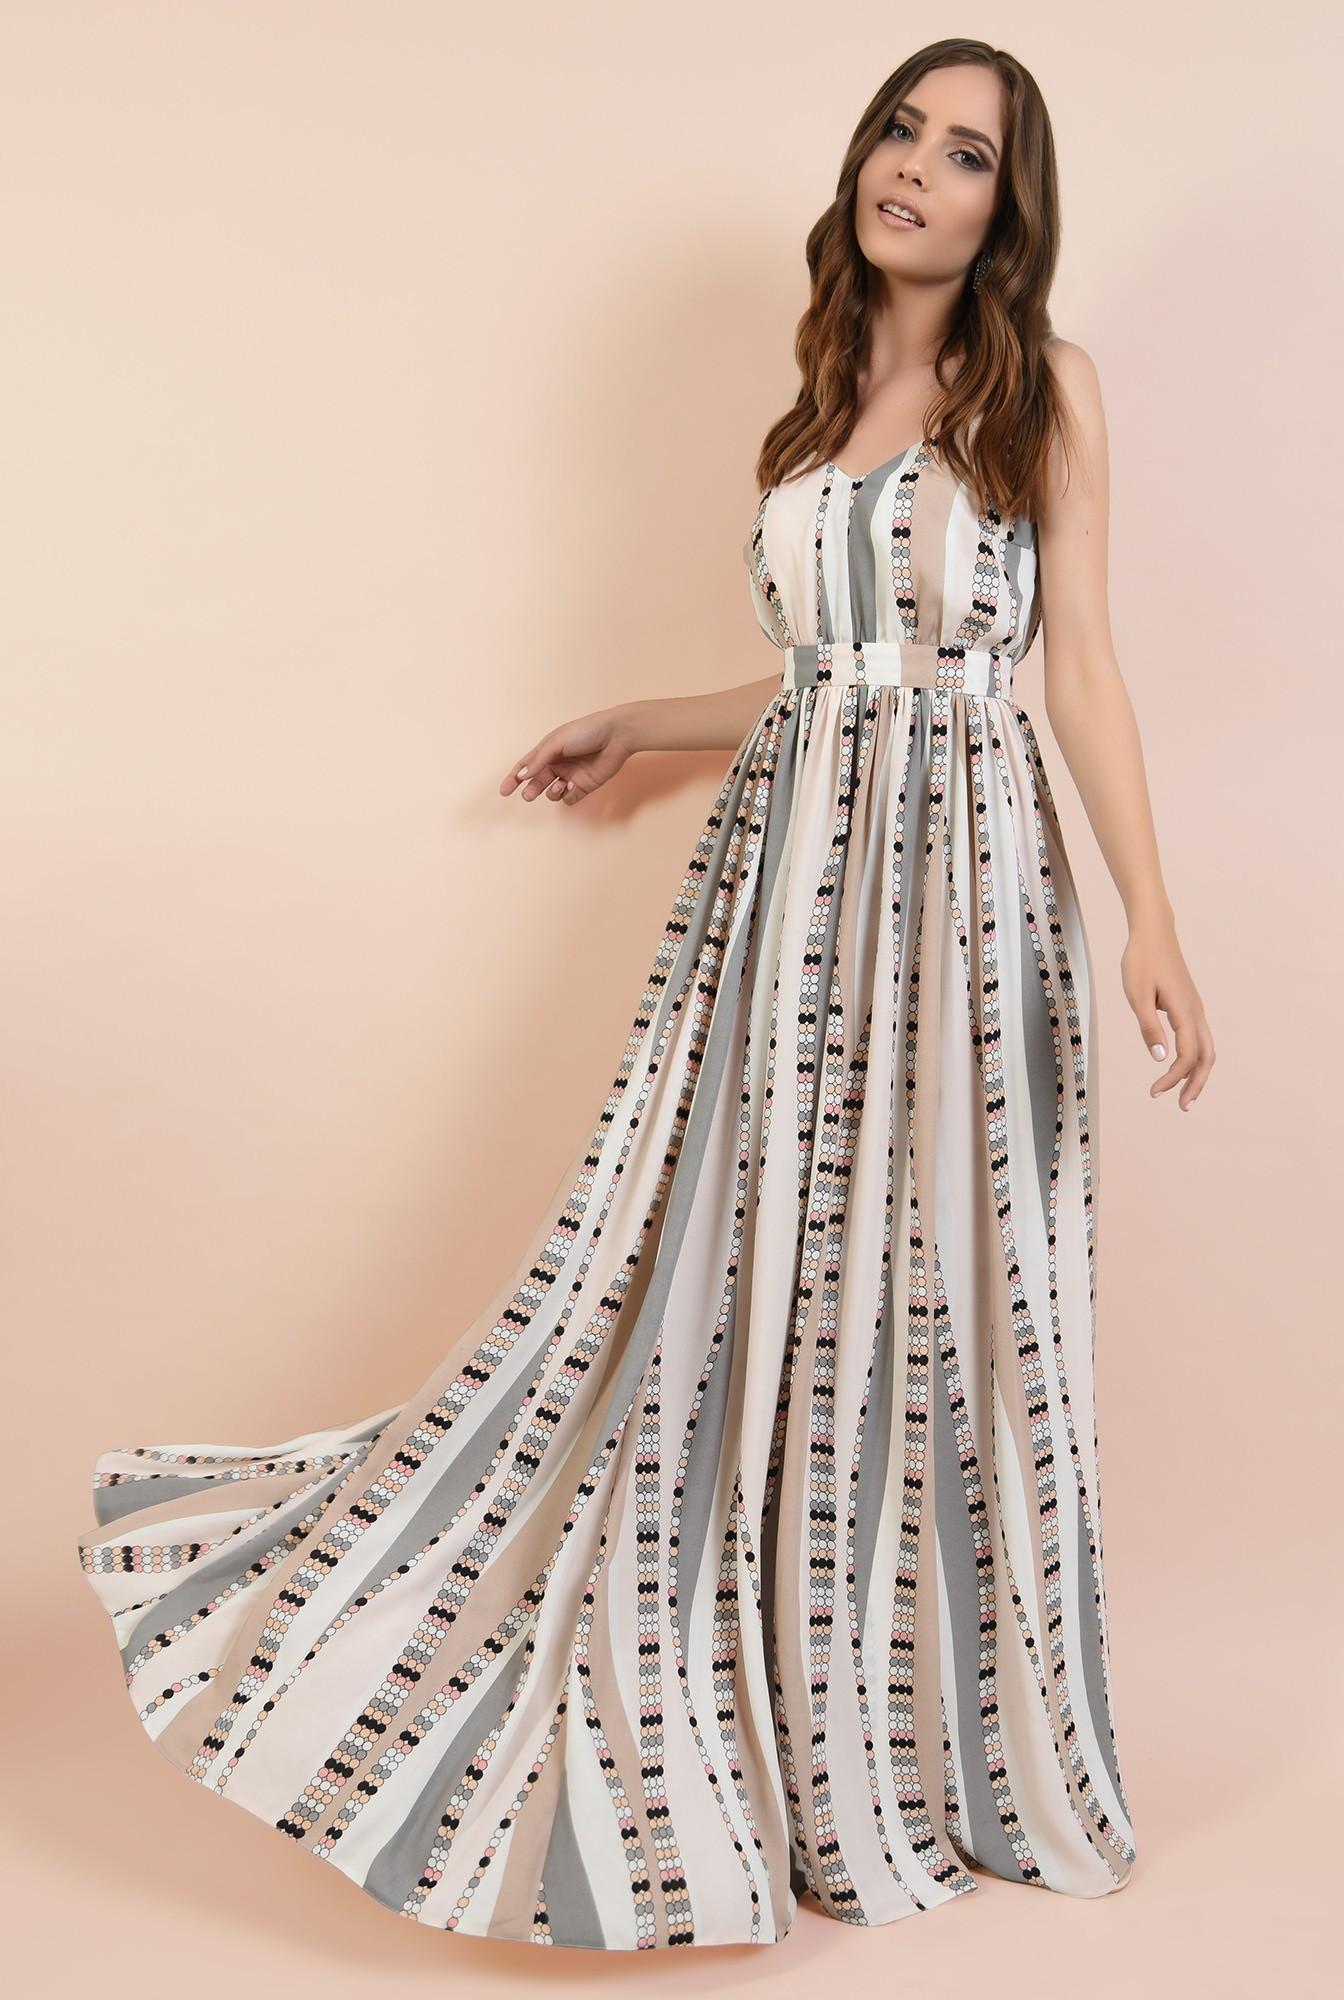 0 - 360 - rochie de ocazie, lunga, cu bretele, croi evazat, talie cu betelie, Poema